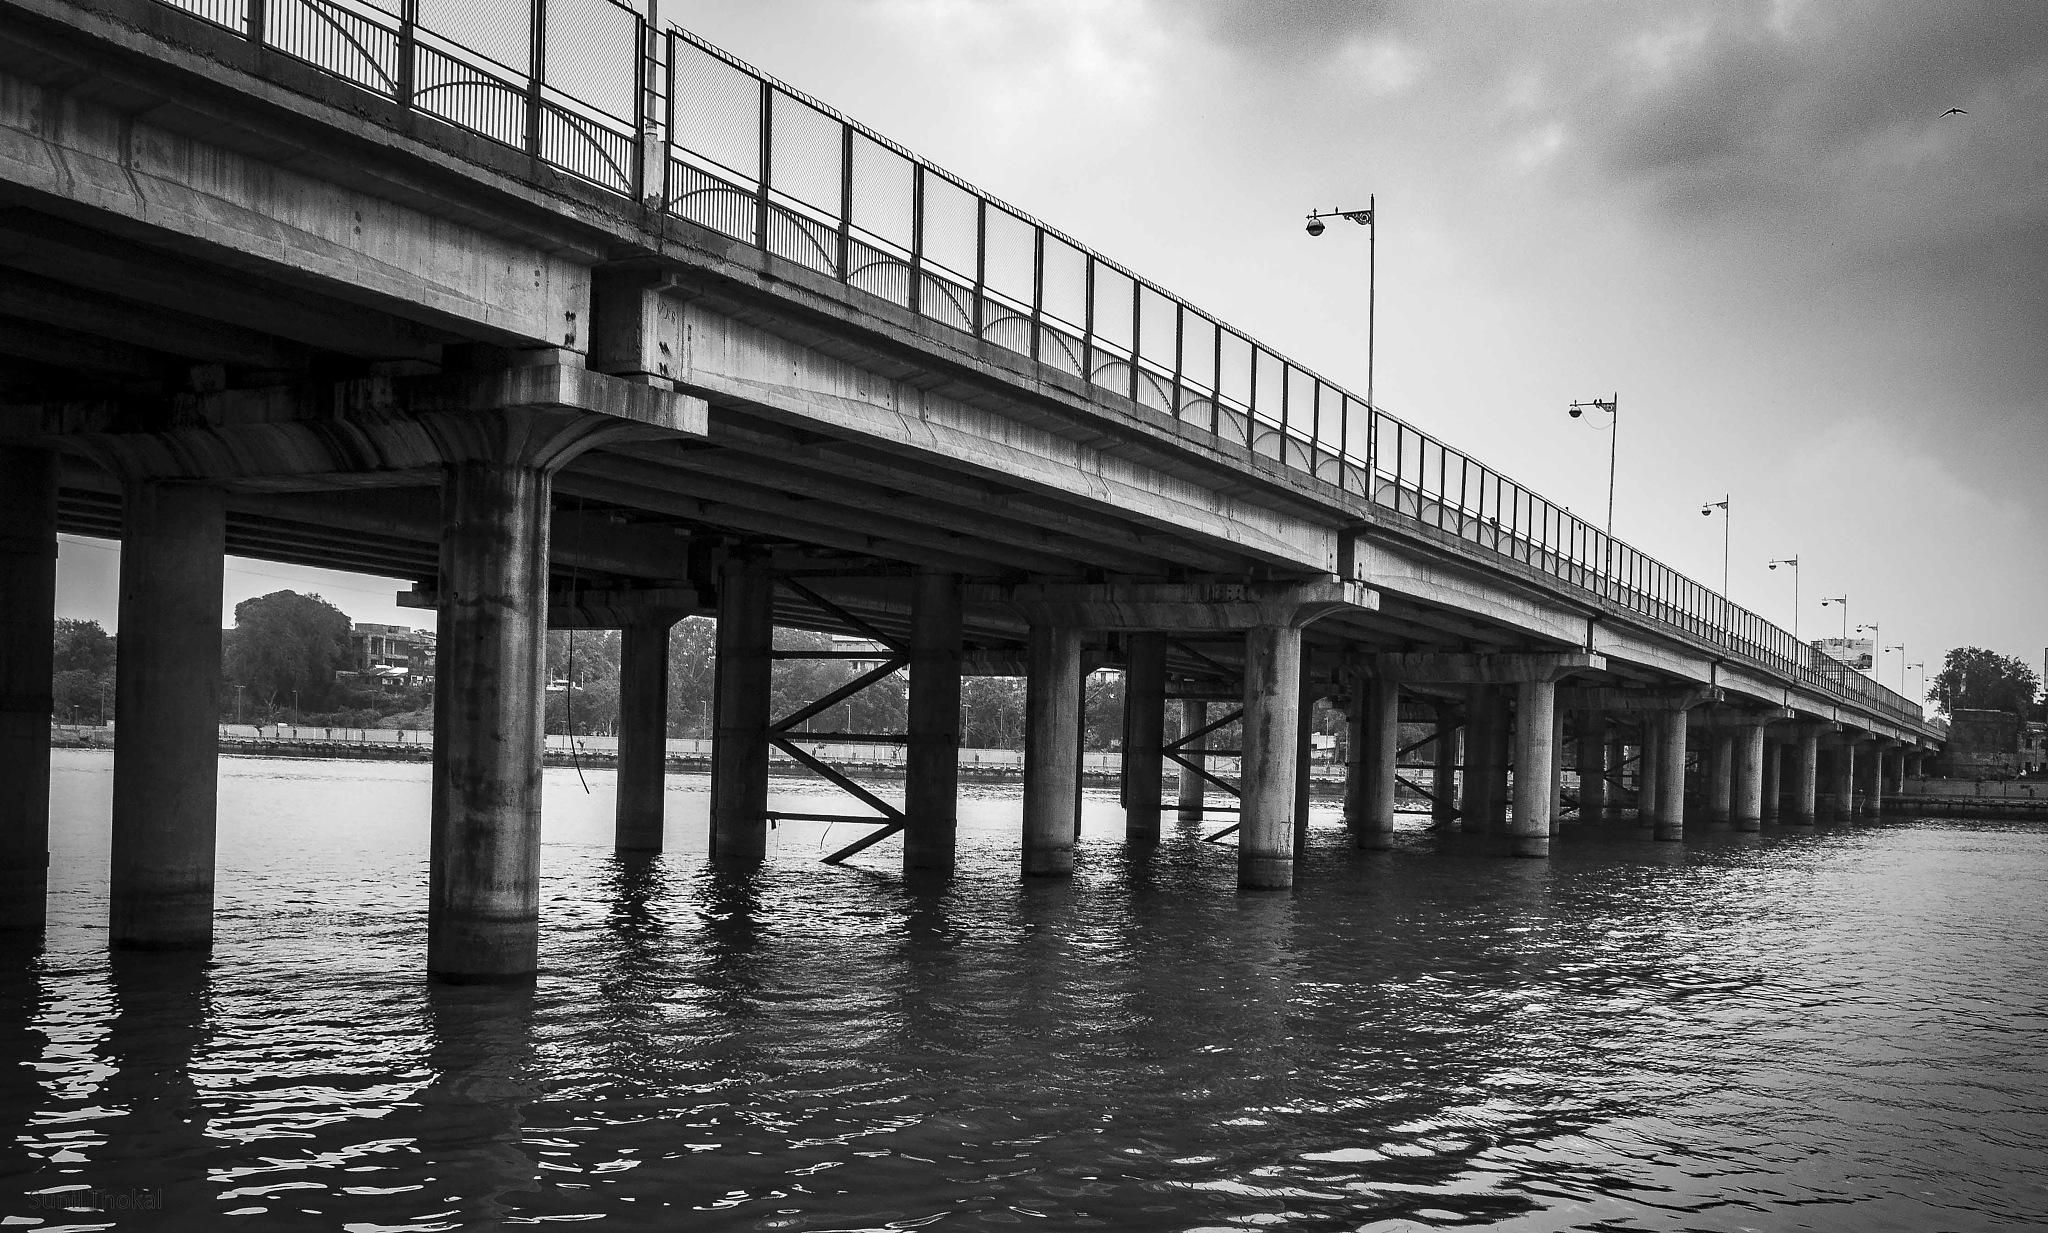 Bridge by Sunil Prabhakar Thokal